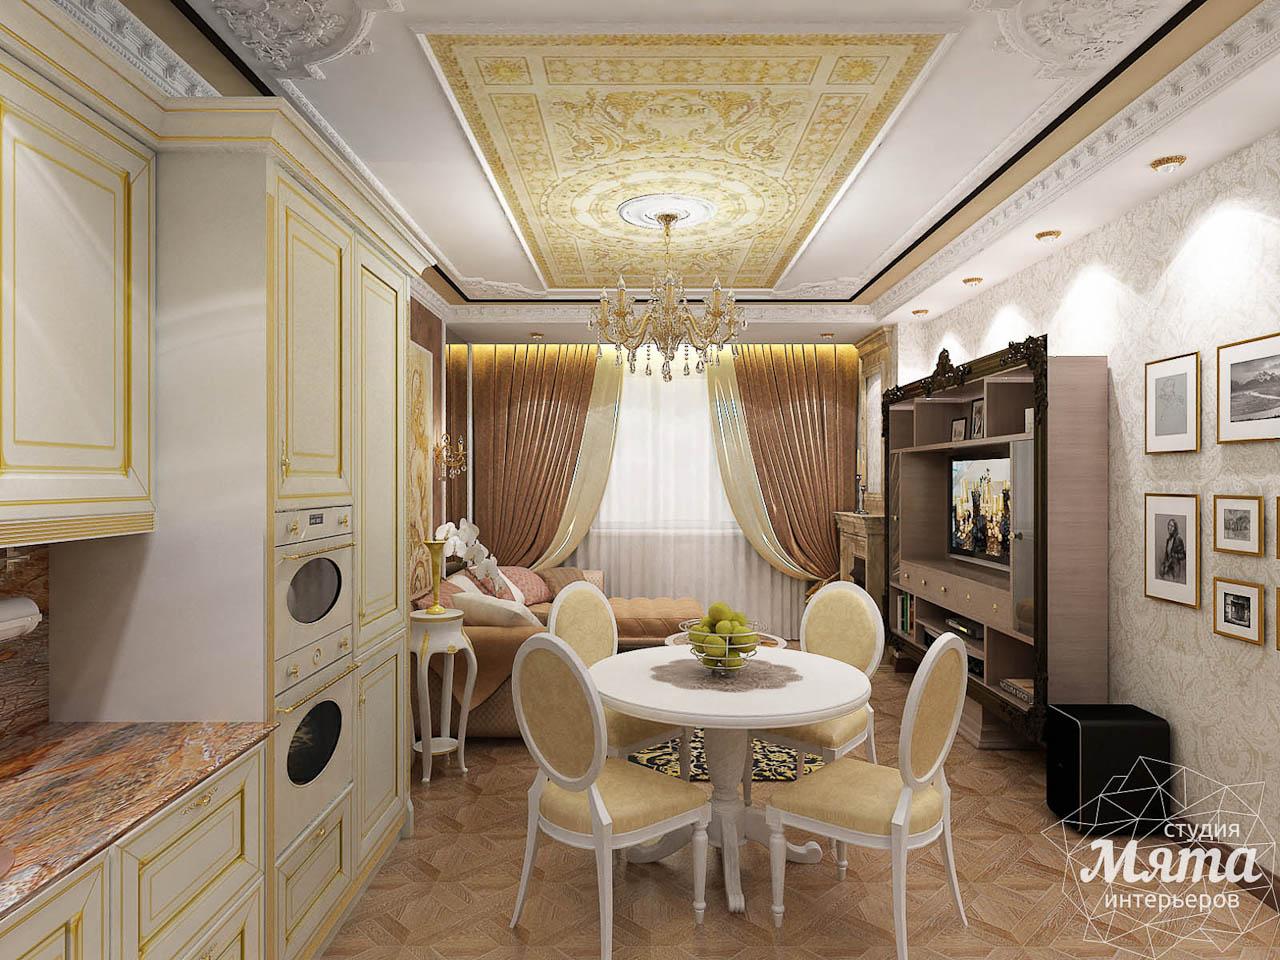 Дизайн интерьера двухкомнатной квартиры по ул. Мельникова 38 img700028982